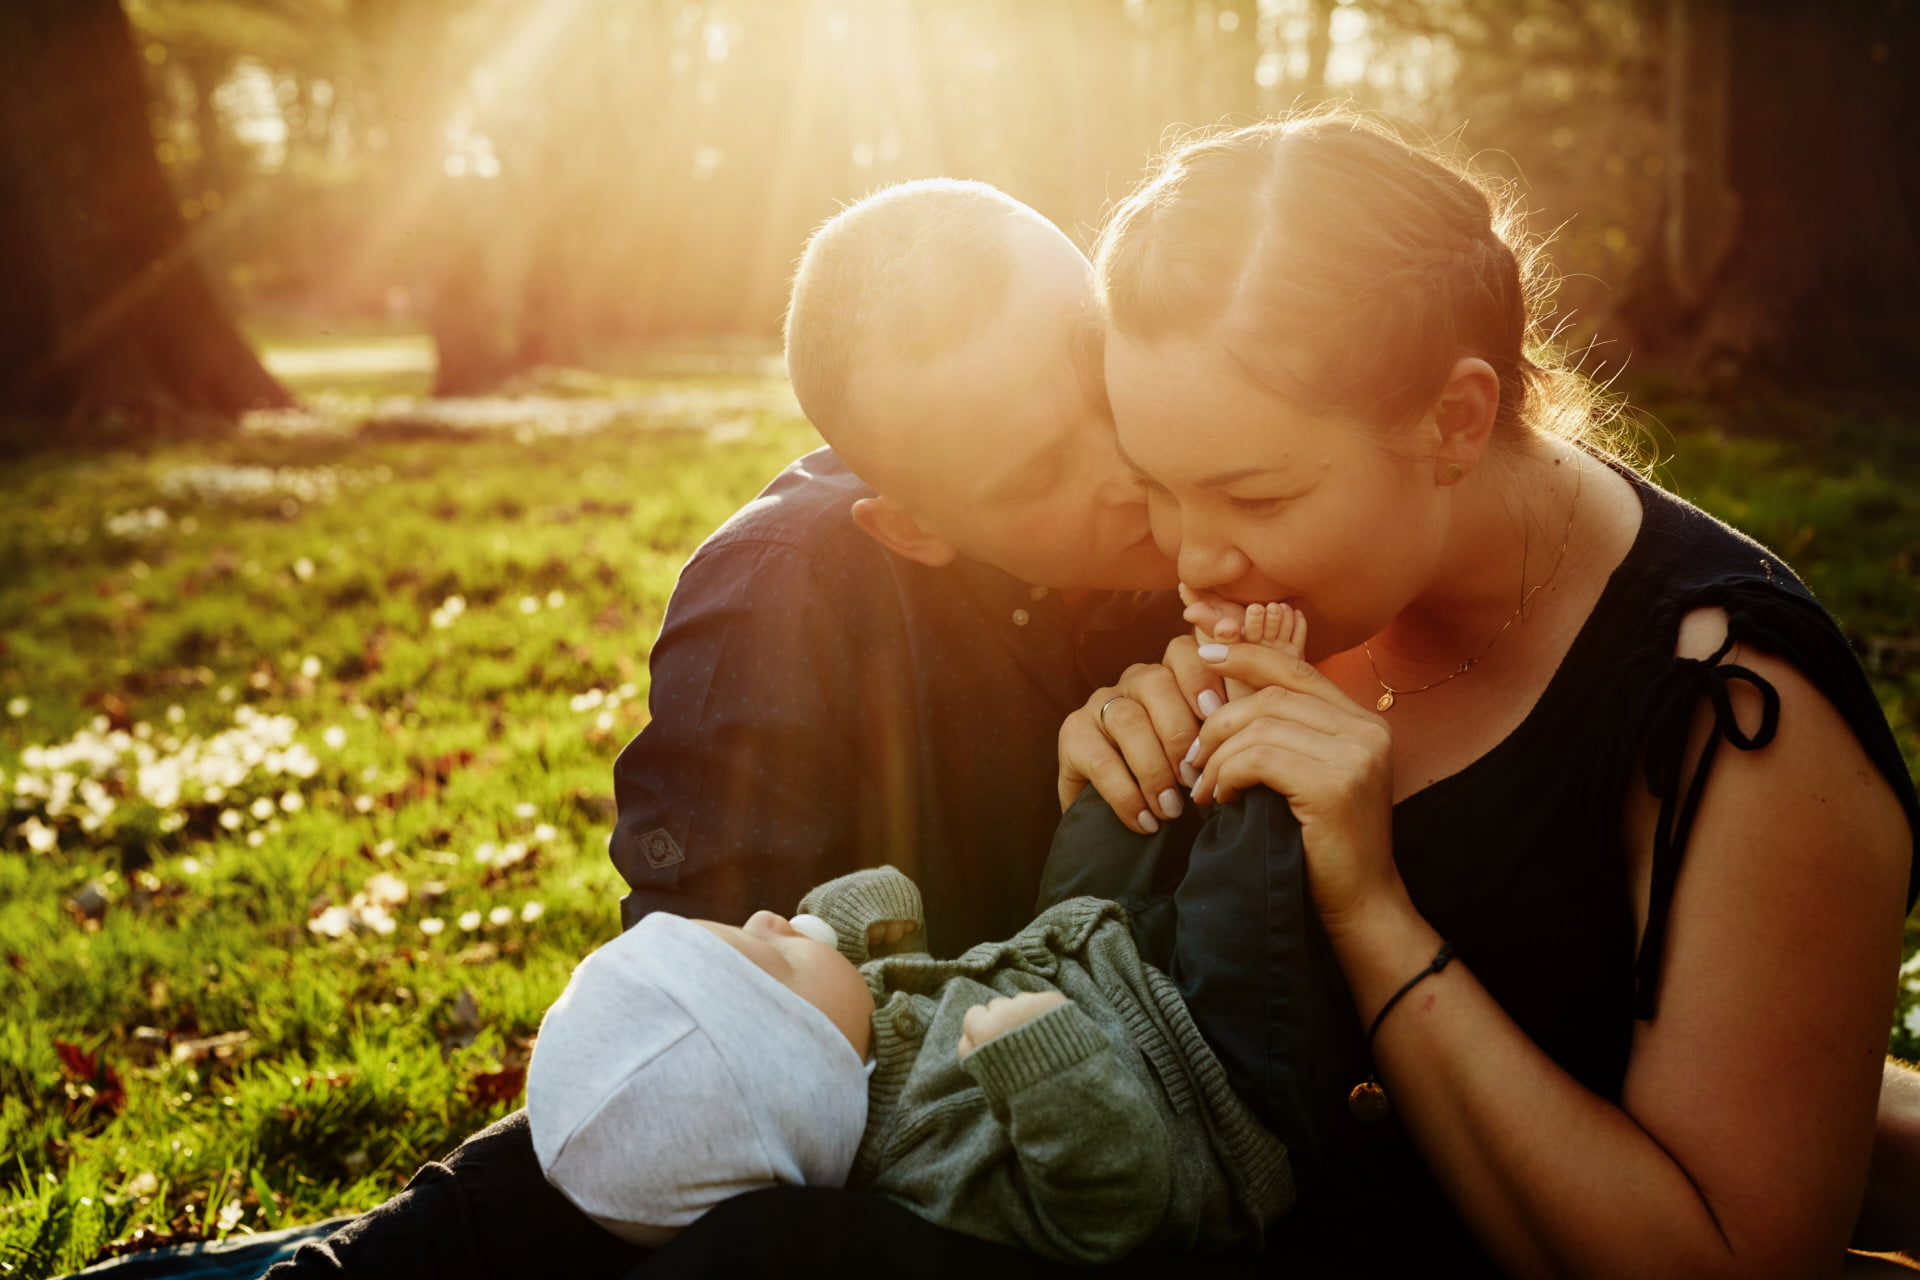 sesja rodzinna zdjęciowa z dzieckiem - fotografia rodzinna w wykonaniu Przemek Białek fotograf rodzinny Szczecin, Świnoujście